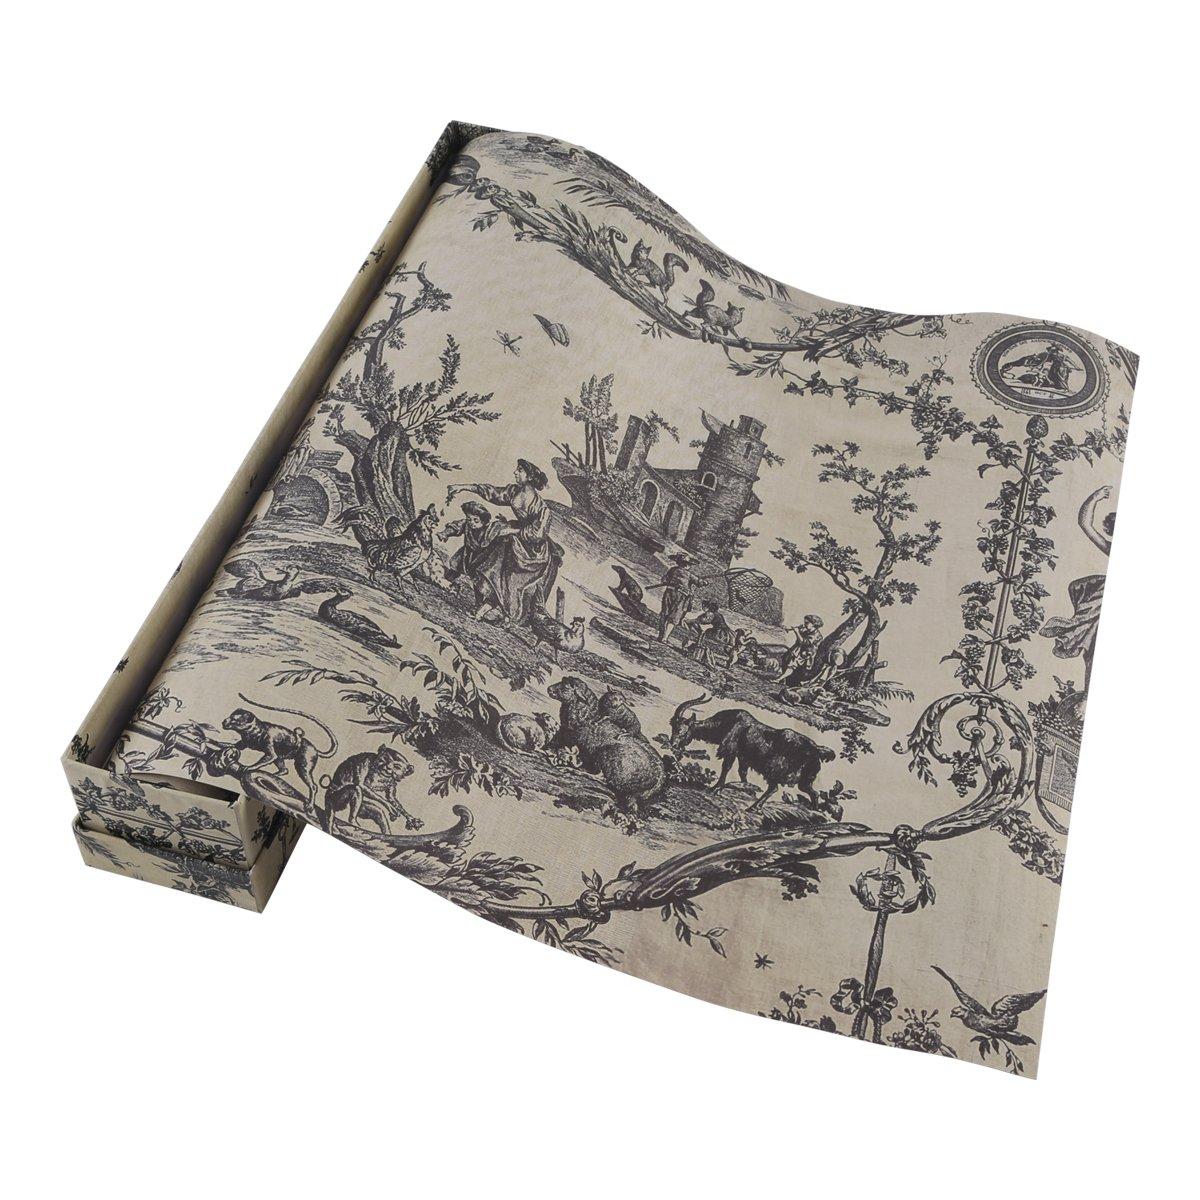 Neoviva Vanilla Scented Drawer Liner Gift Box, Pack of 6 Sheets, Retro Castle Garden